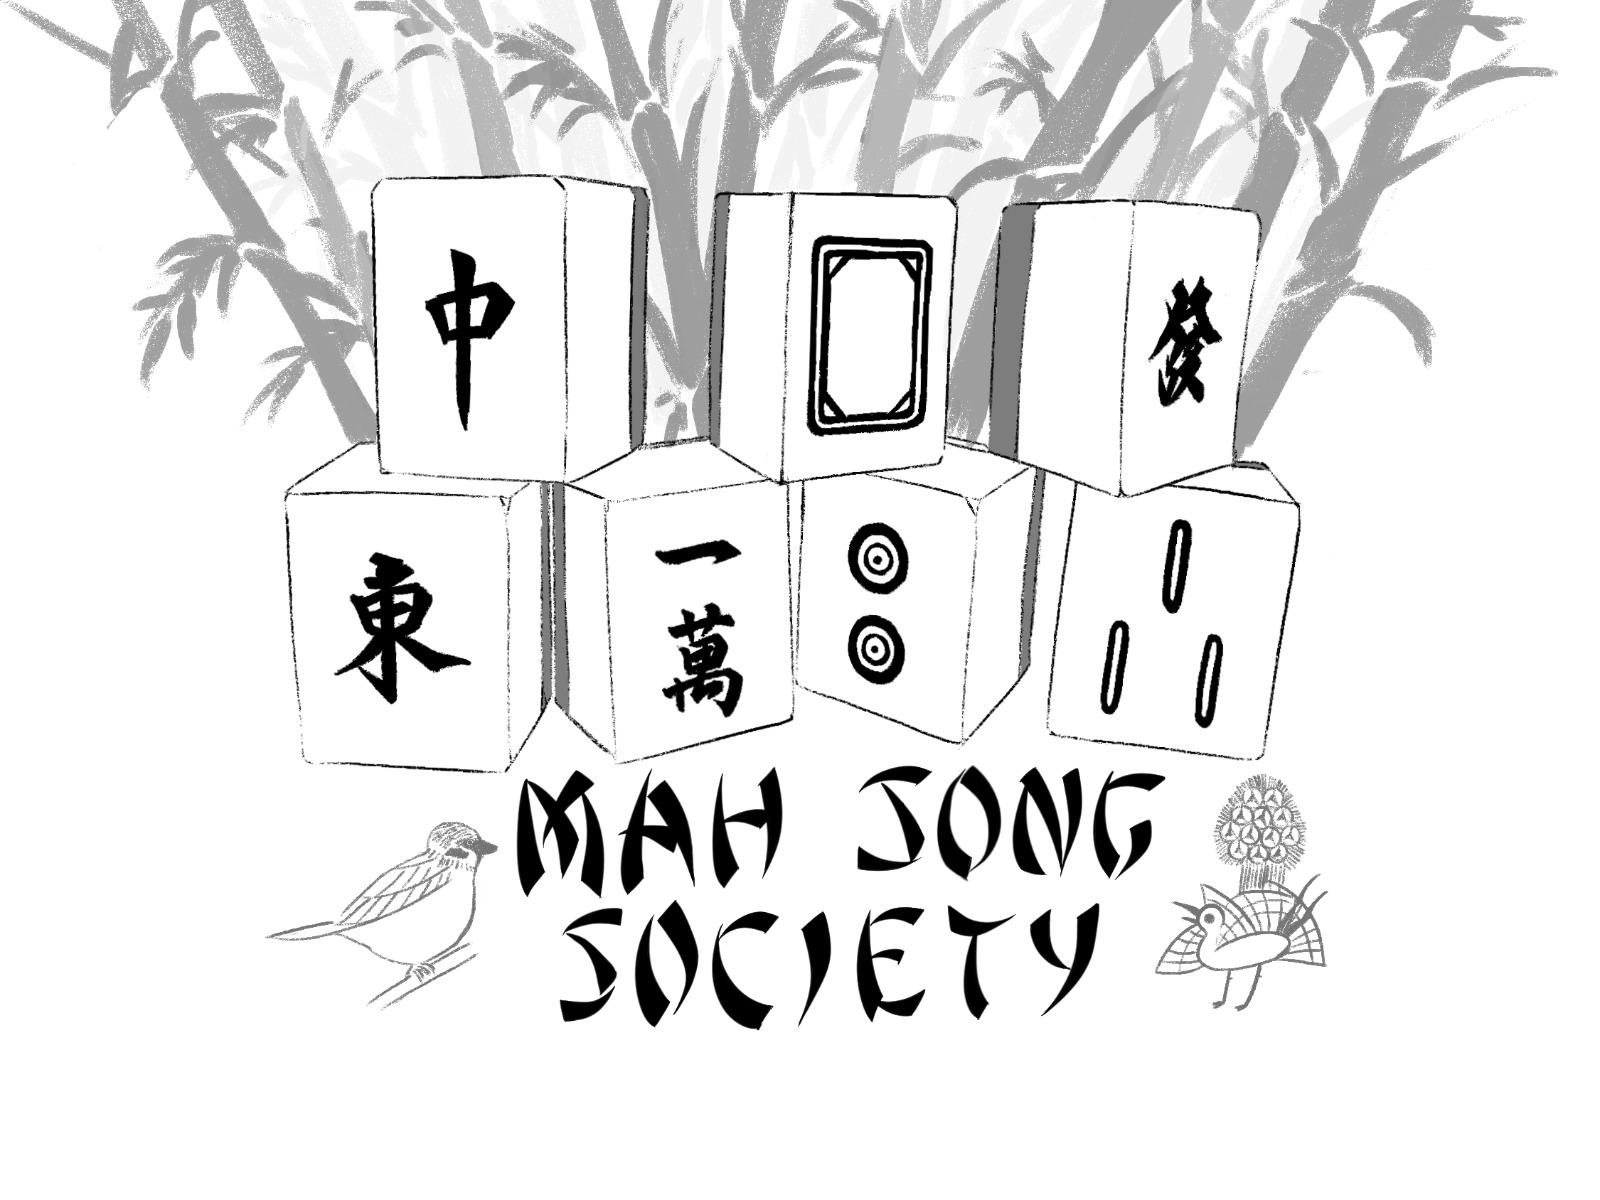 Mahjong Society